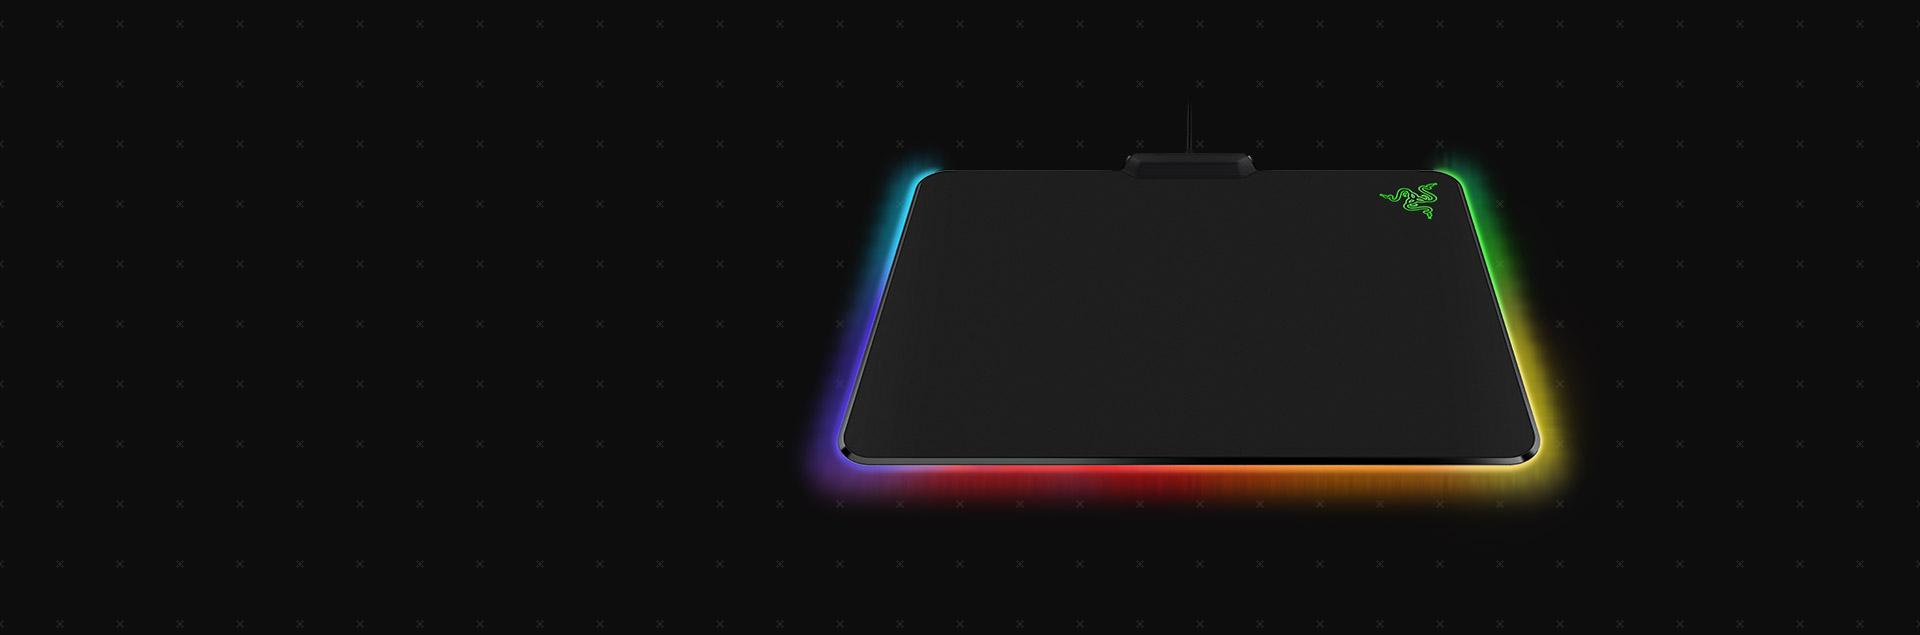 Html div background color not showing up stack overflow - Div background color ...